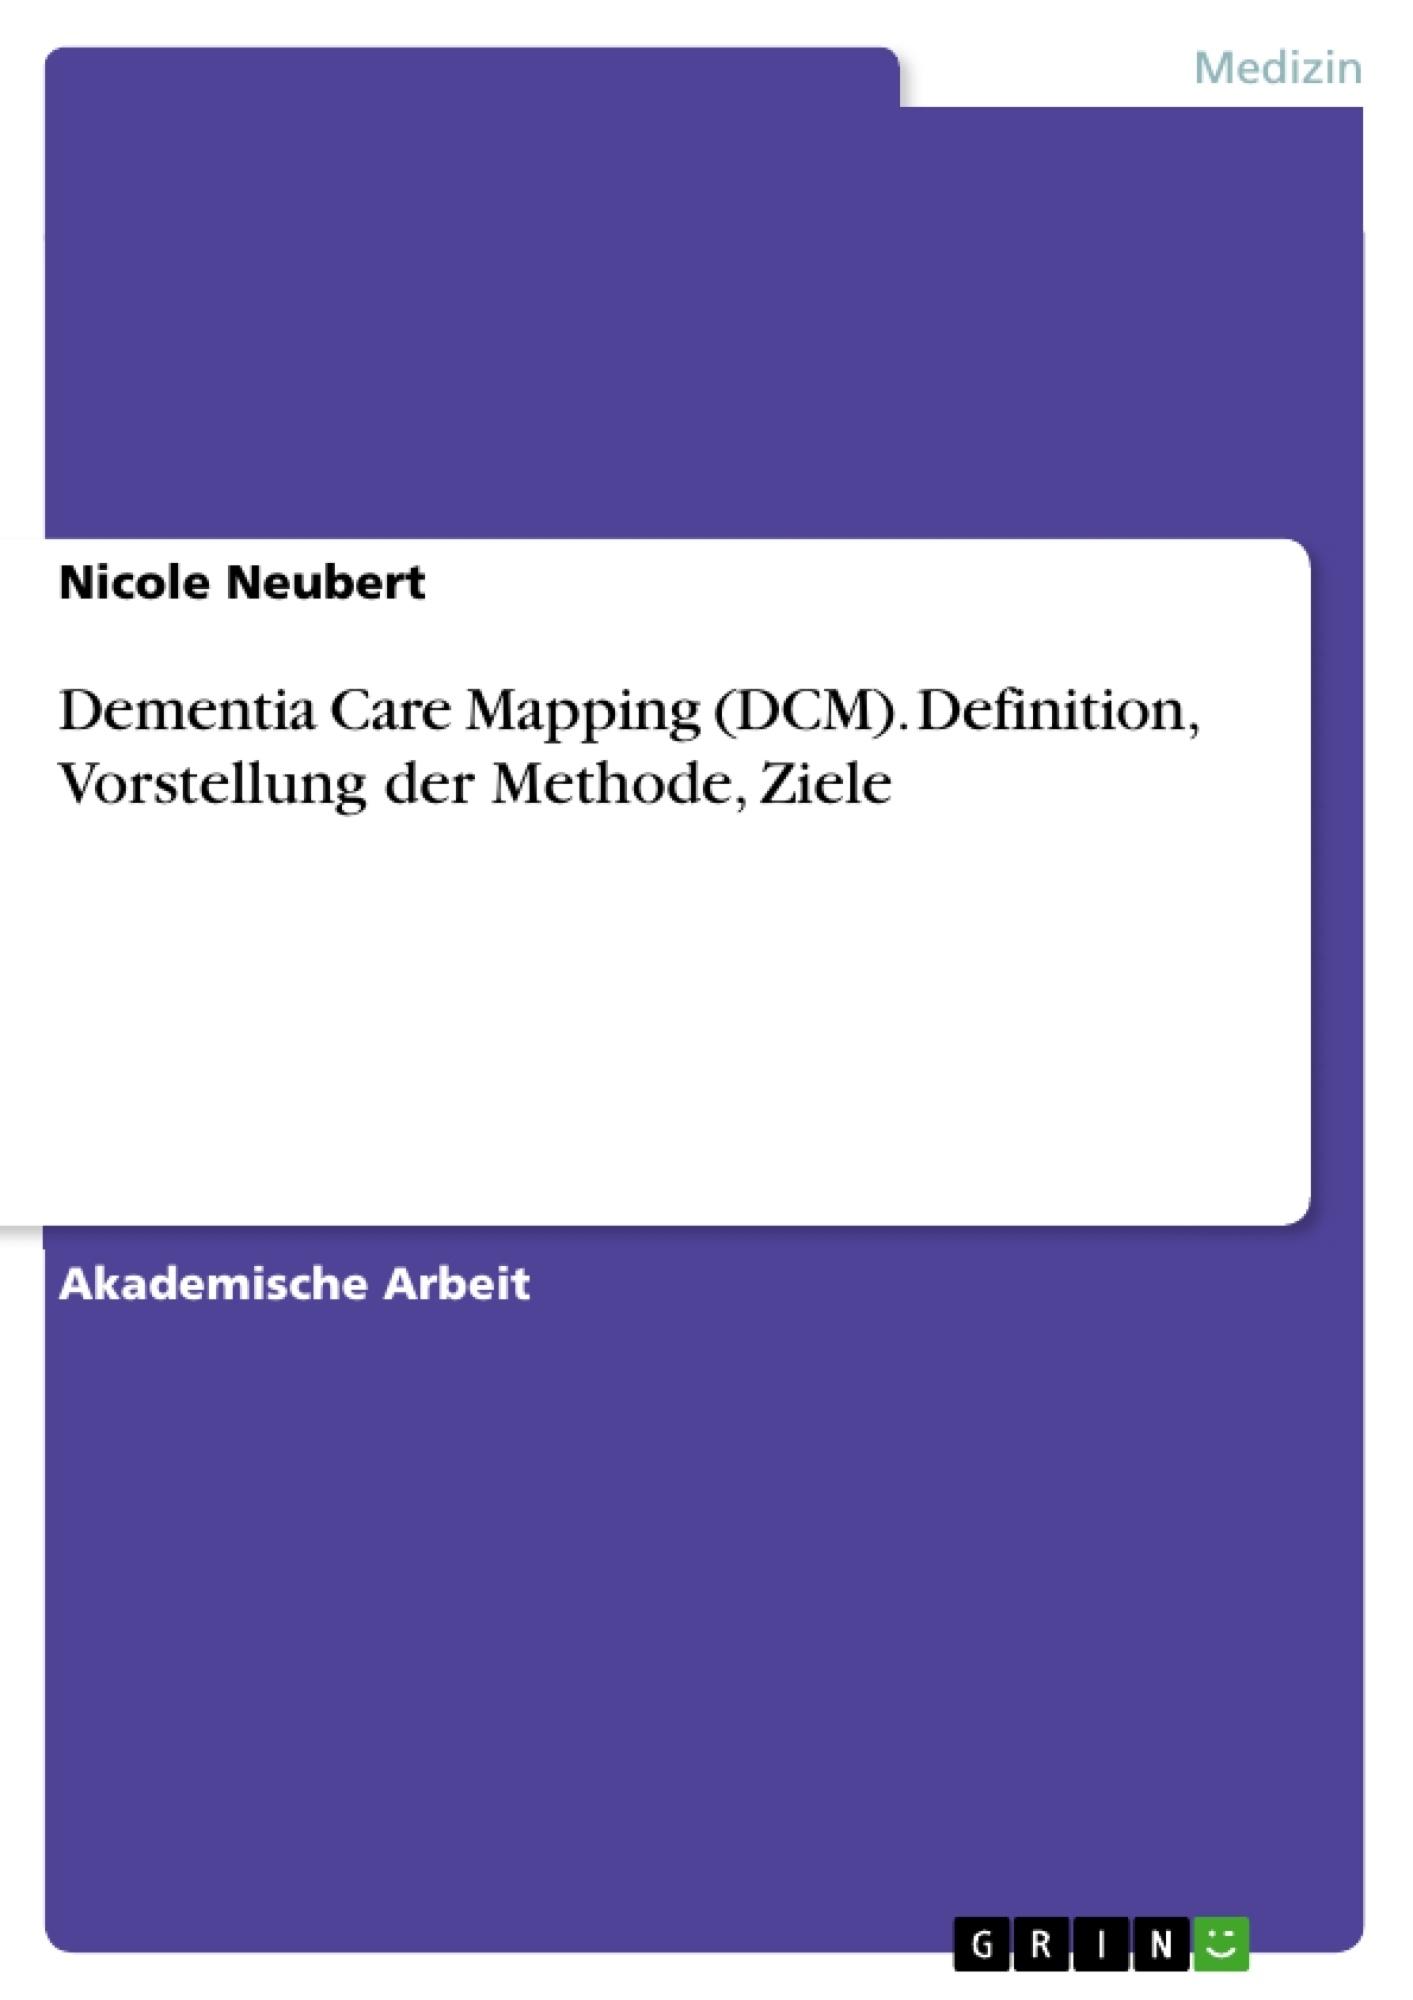 Titel: Dementia Care Mapping (DCM). Definition, Vorstellung der Methode, Ziele